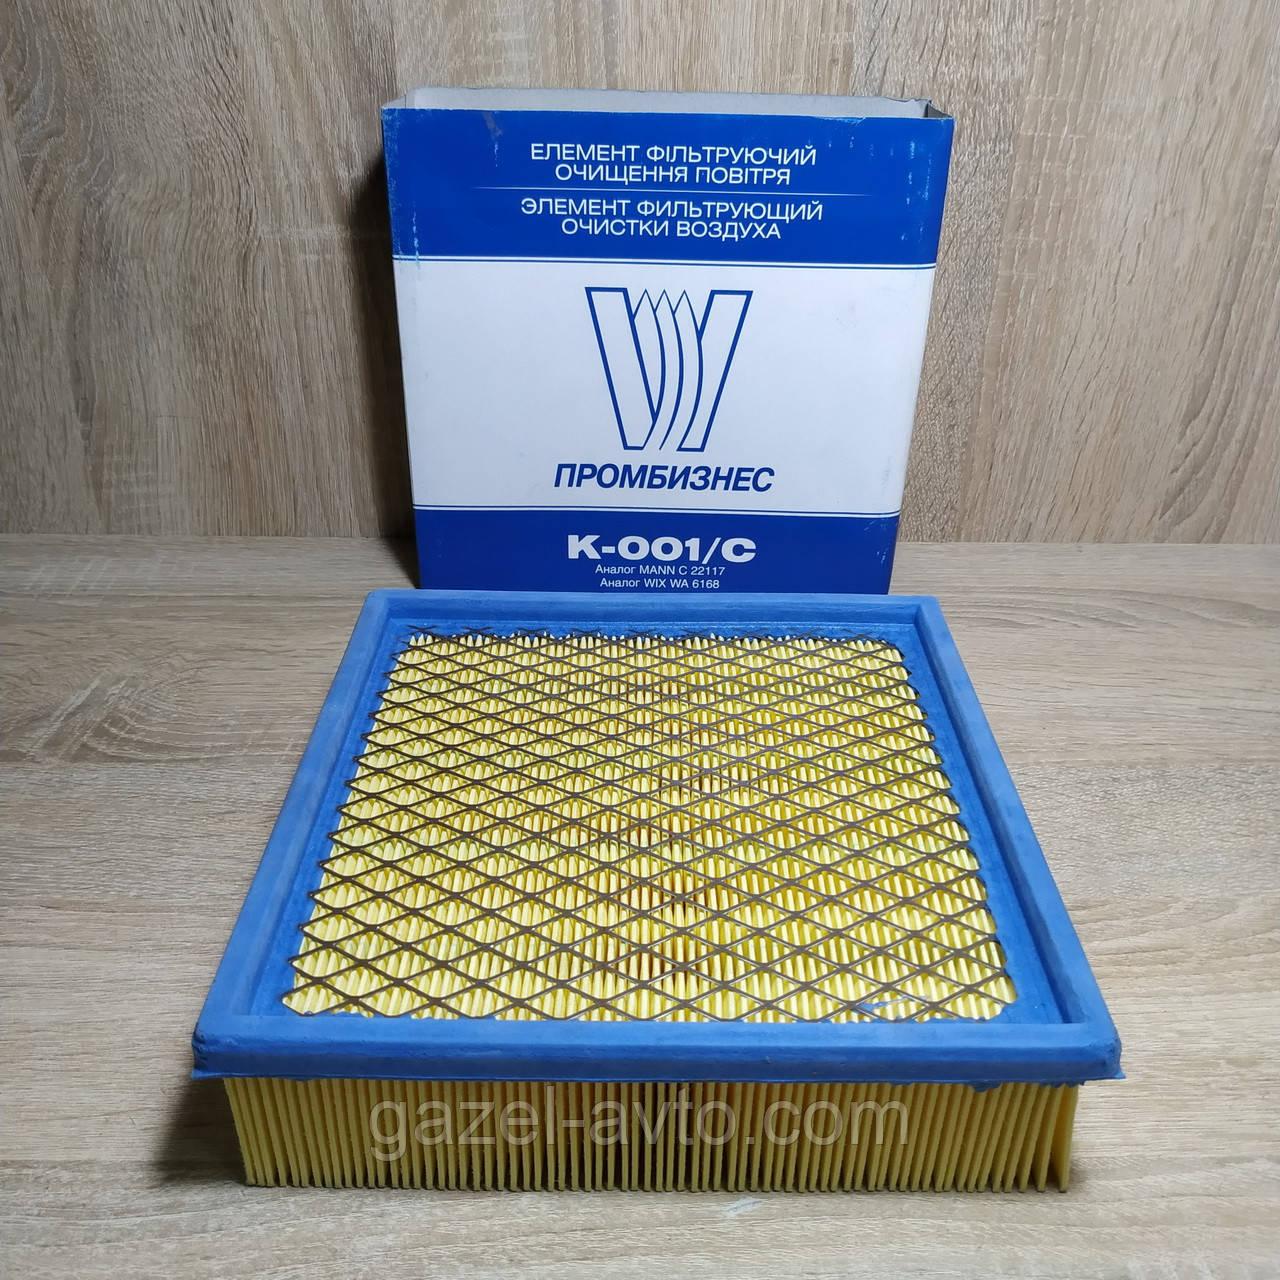 Фильтр воздушный (элемент) ВАЗ 2108-10-15 инжектор (К-001/С) (пр-во Промбизнес)